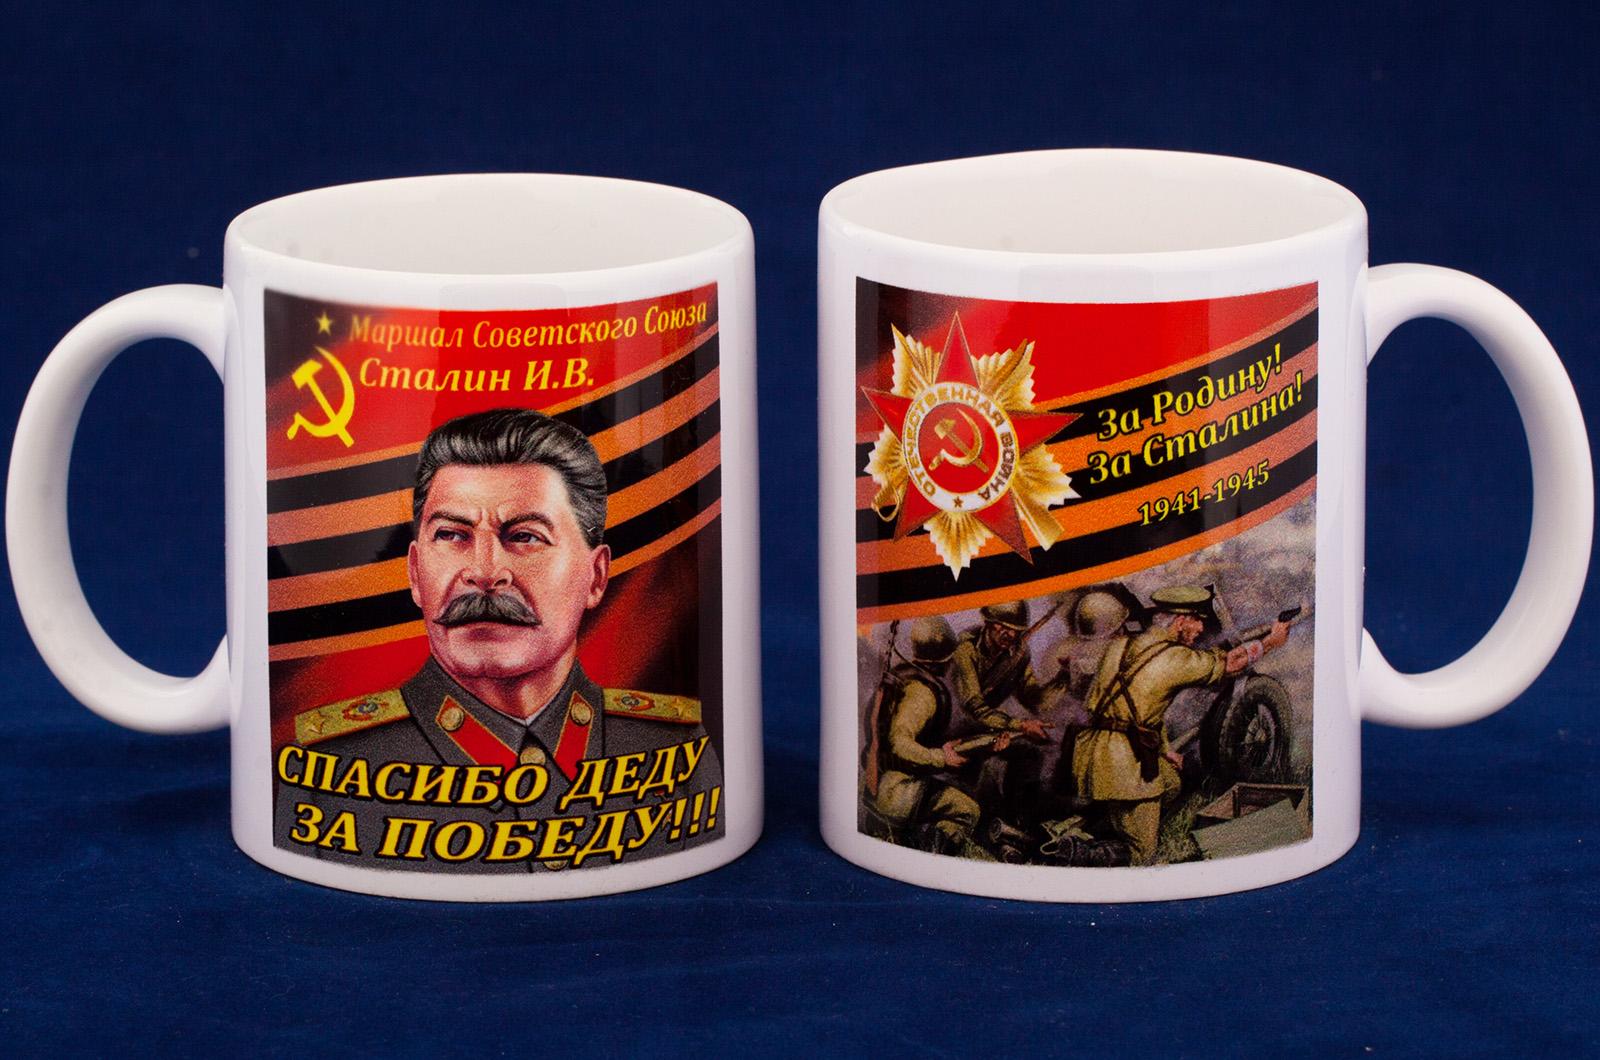 Кружка с изображением Сталина